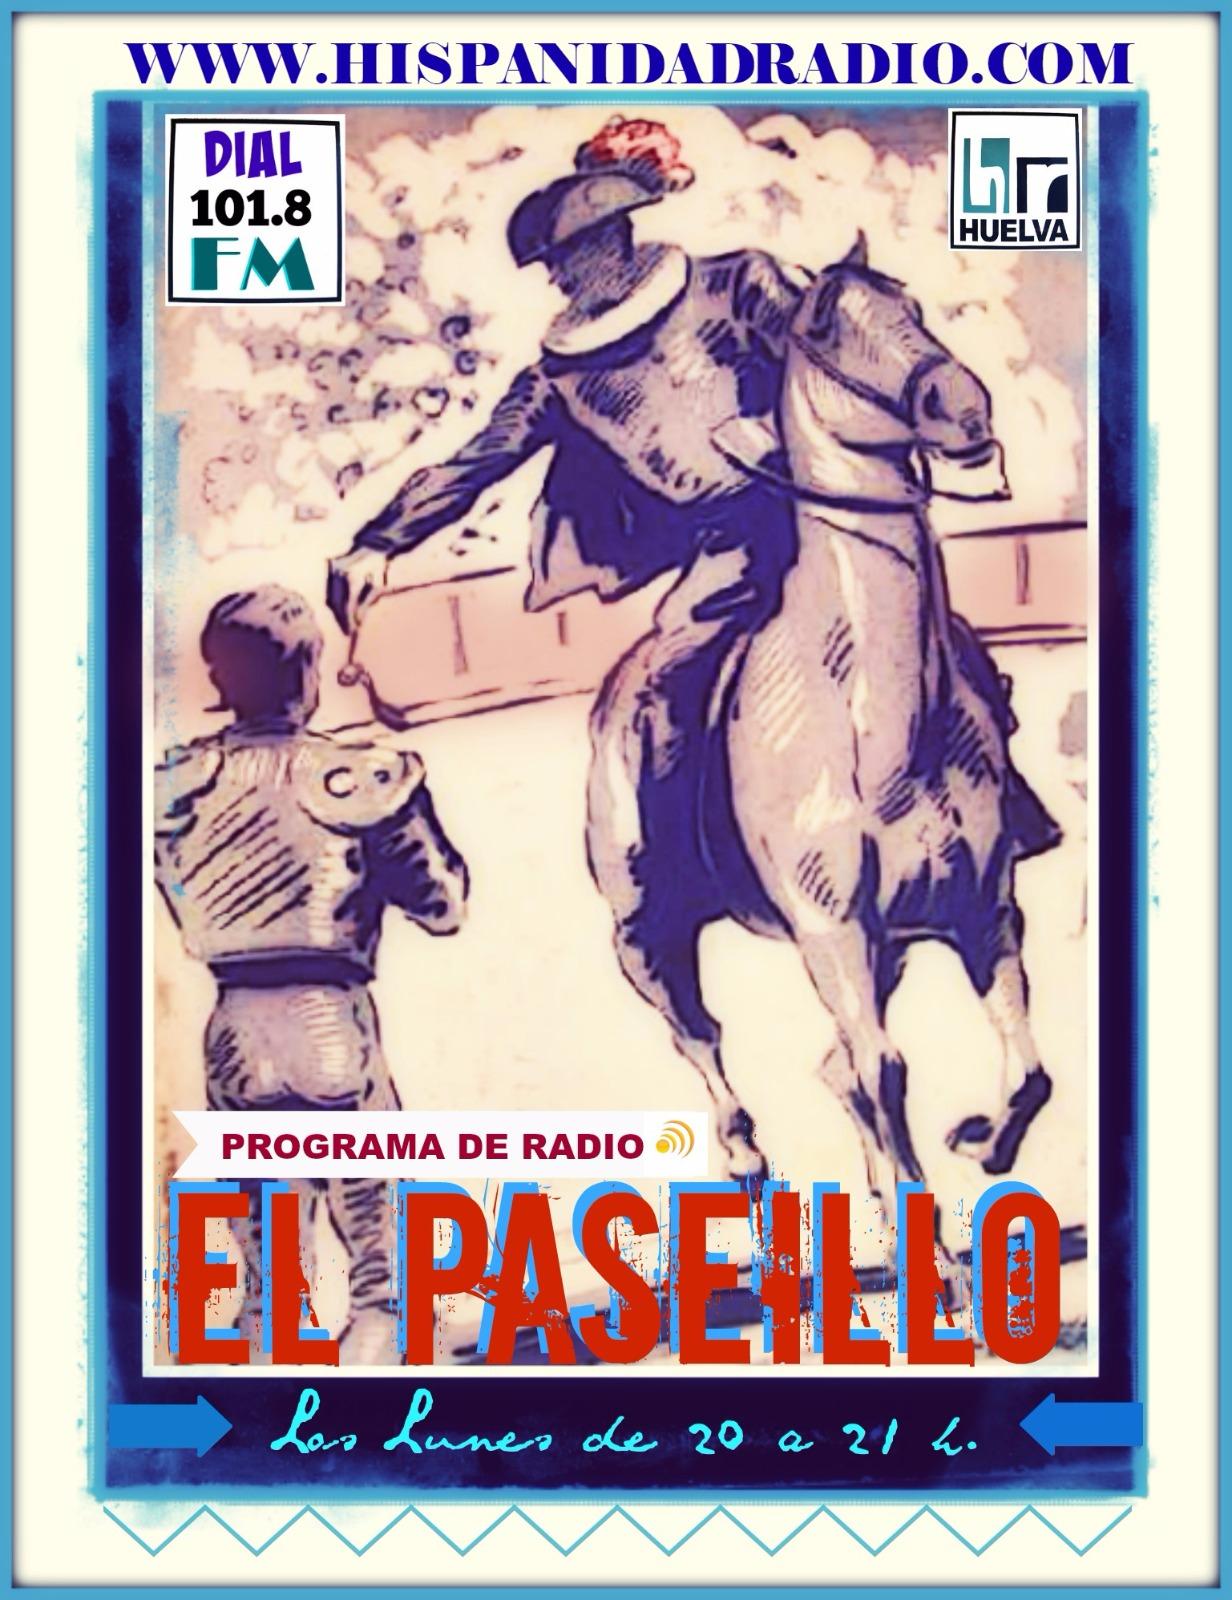 El Paseillo 04-11-2017